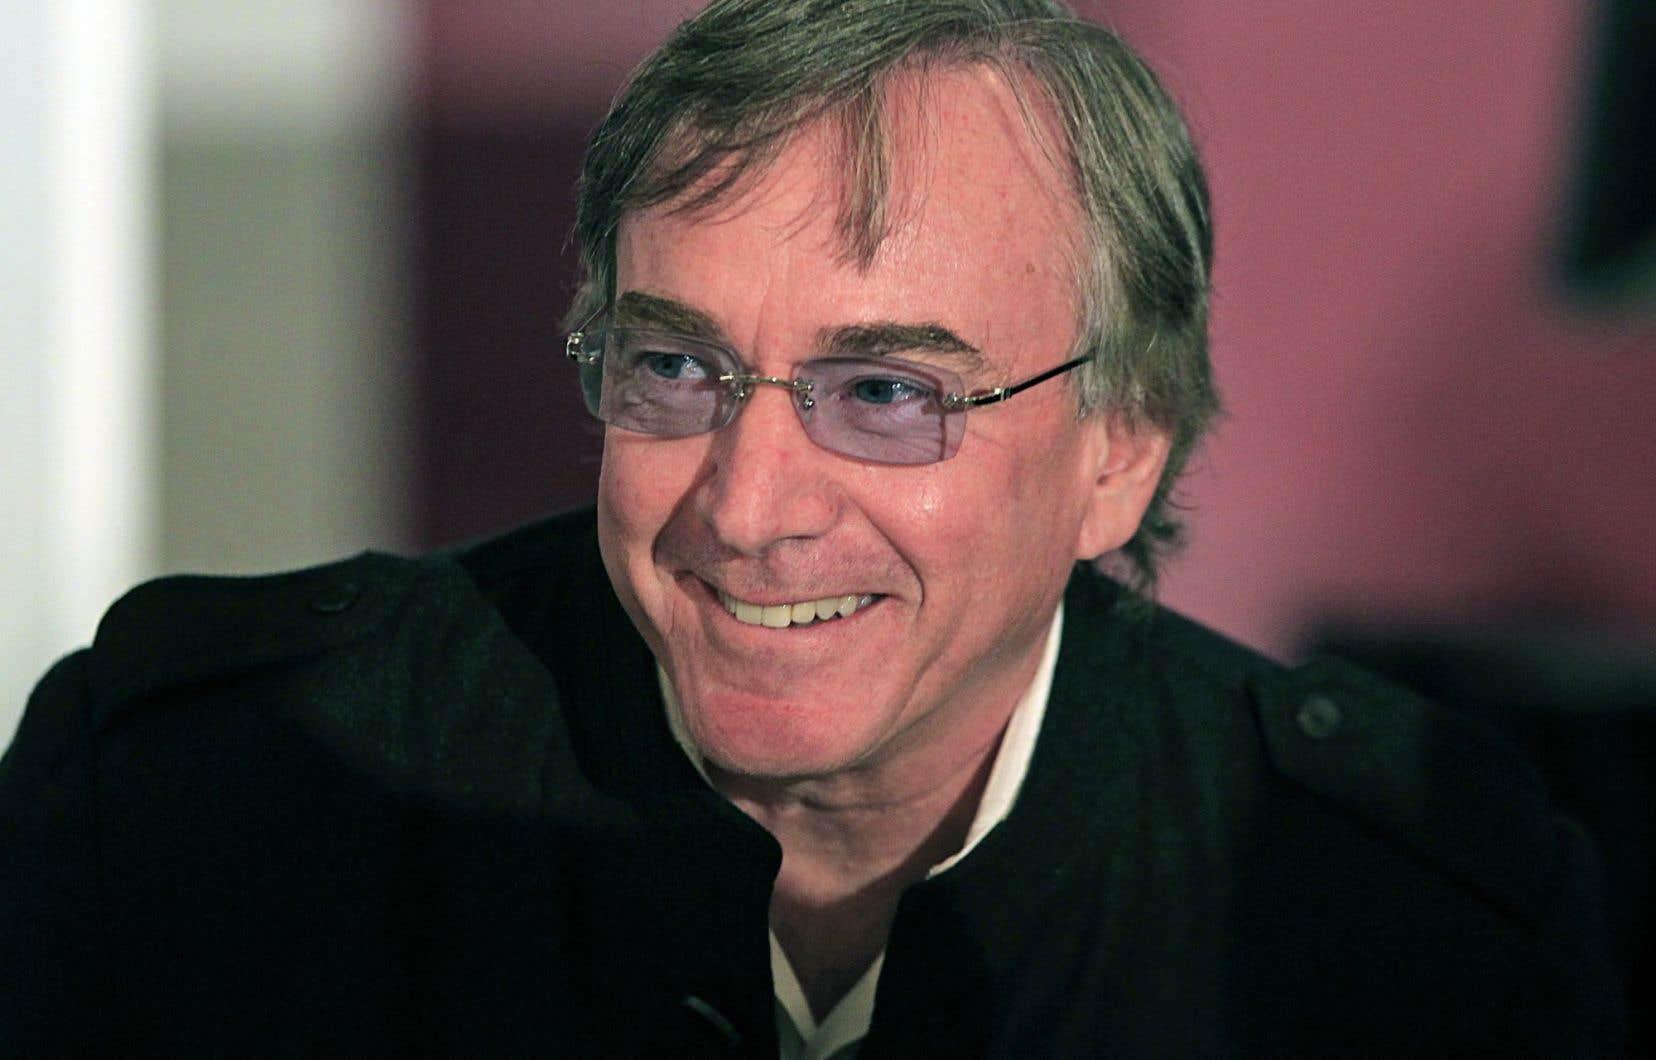 Daniel Lamarre, le président-directeur général du Cirque du Soleil